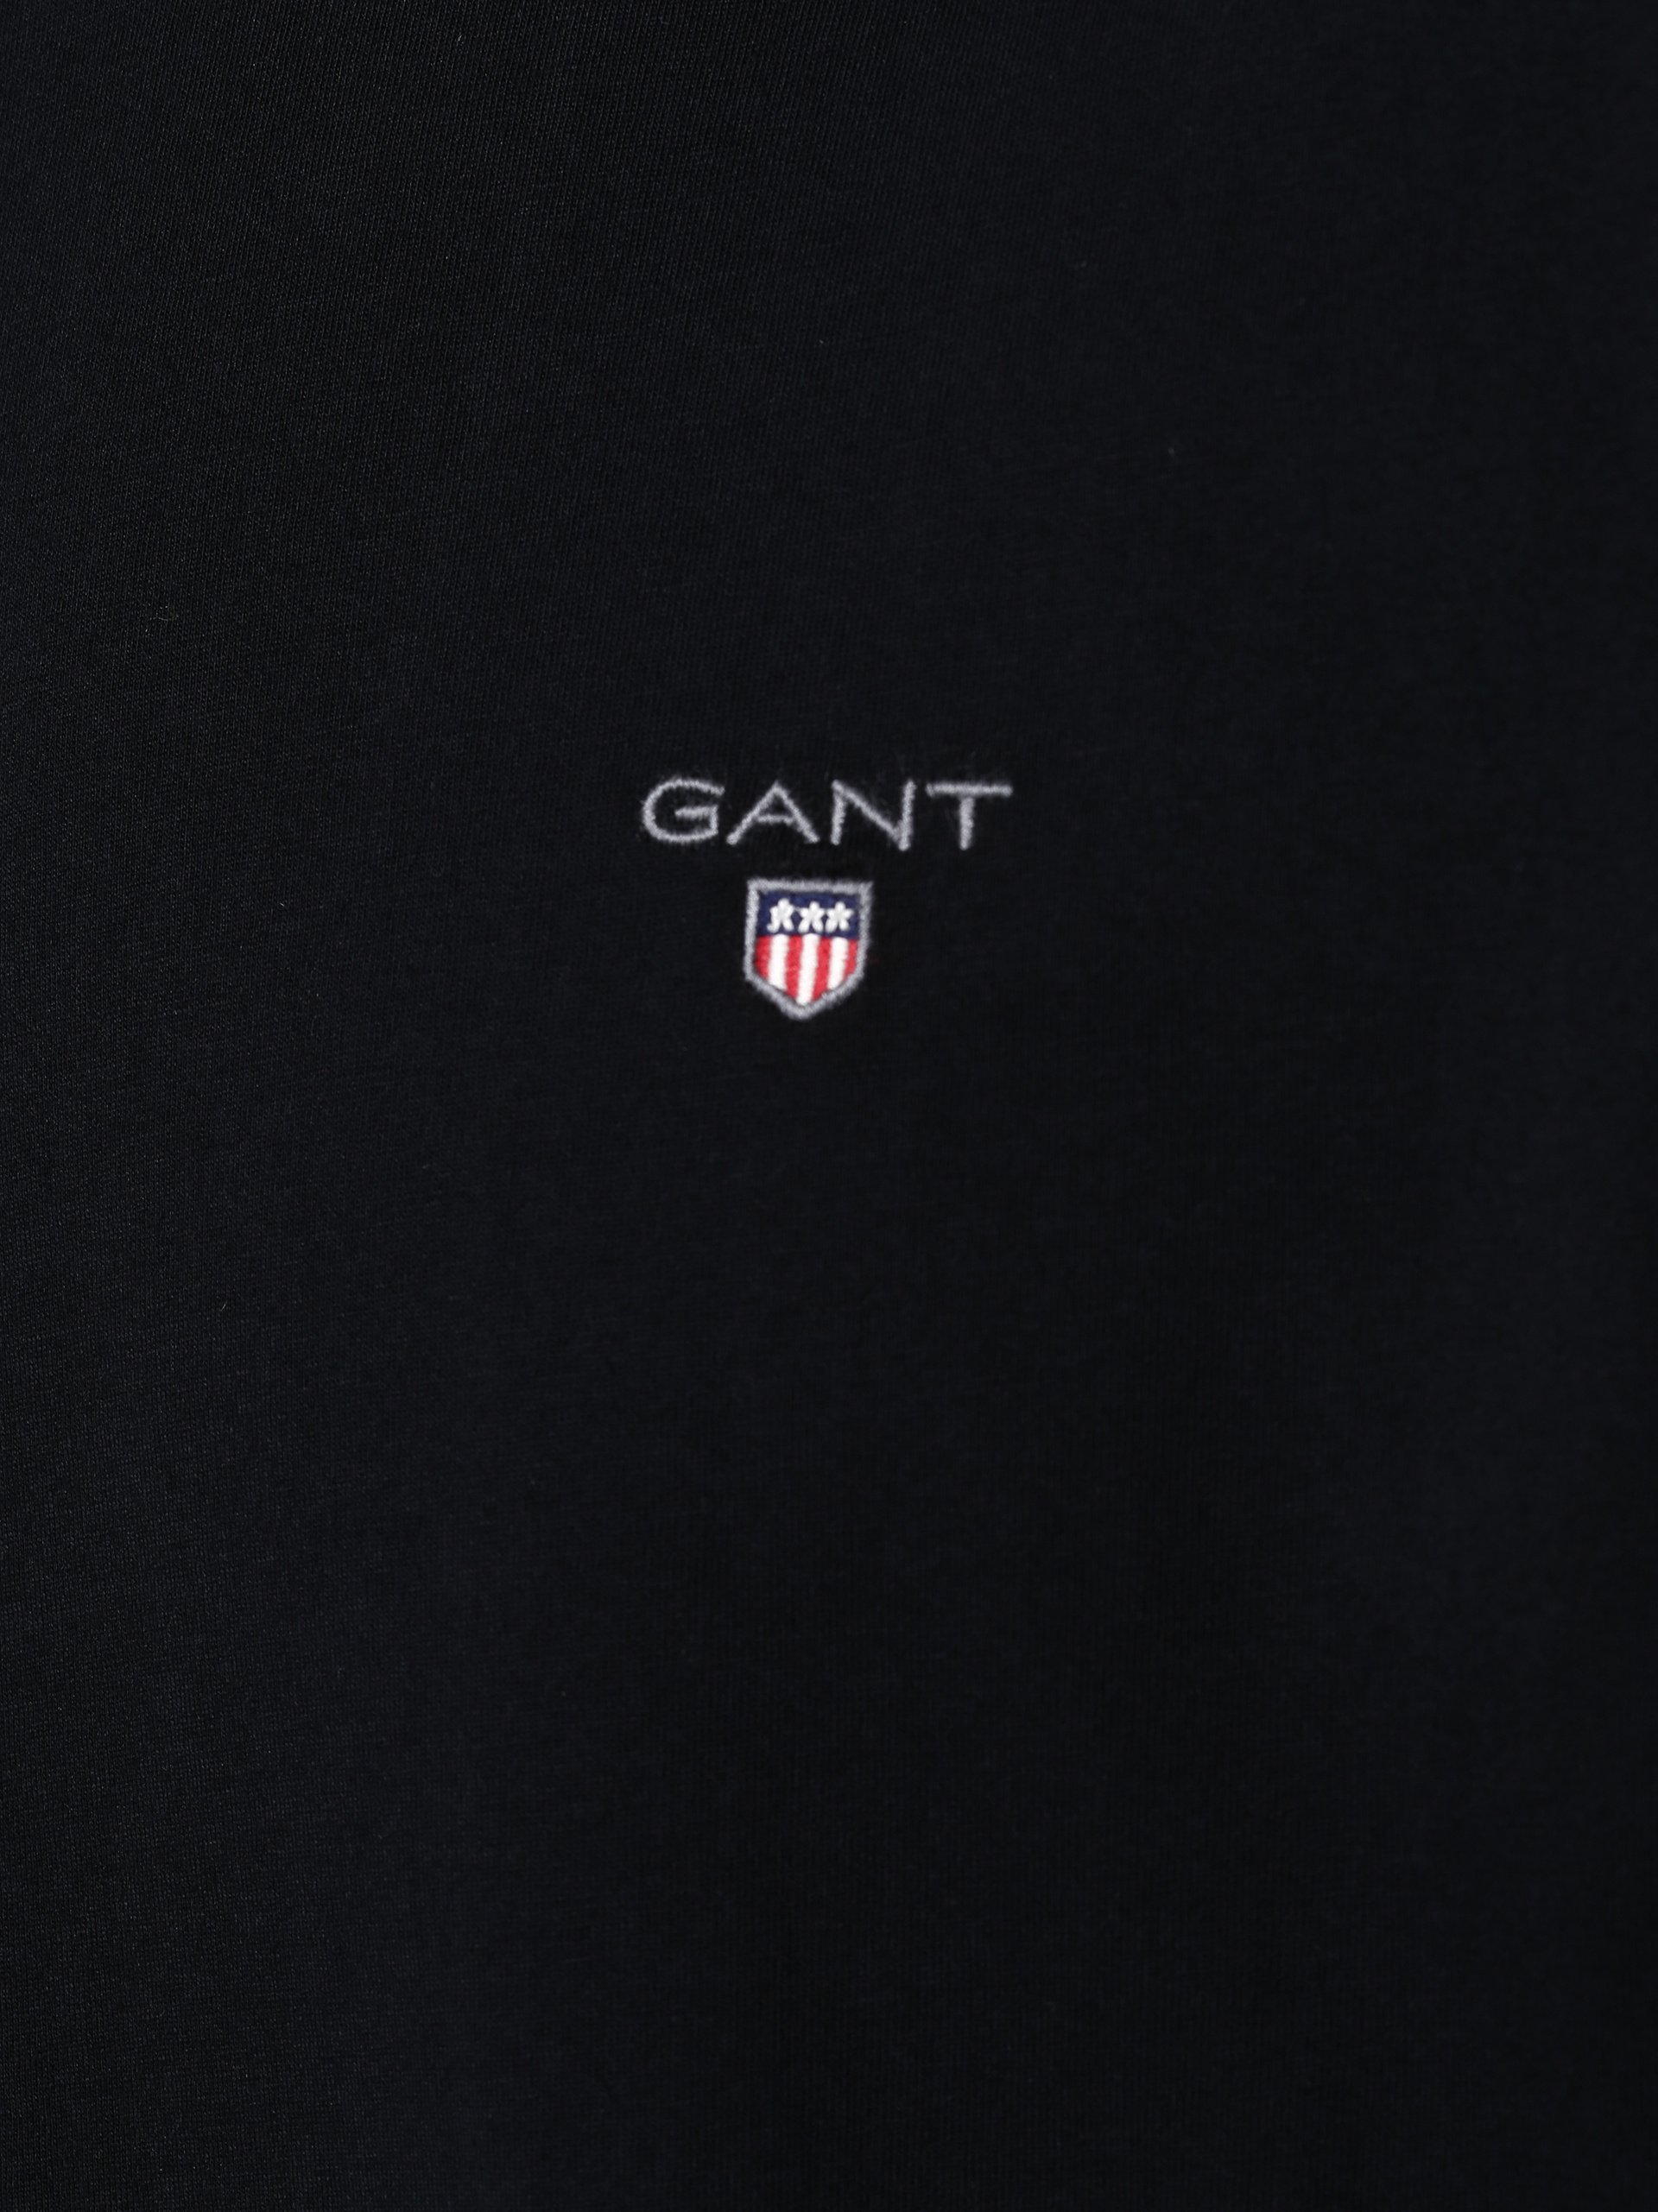 Gant Herren T-Shirt